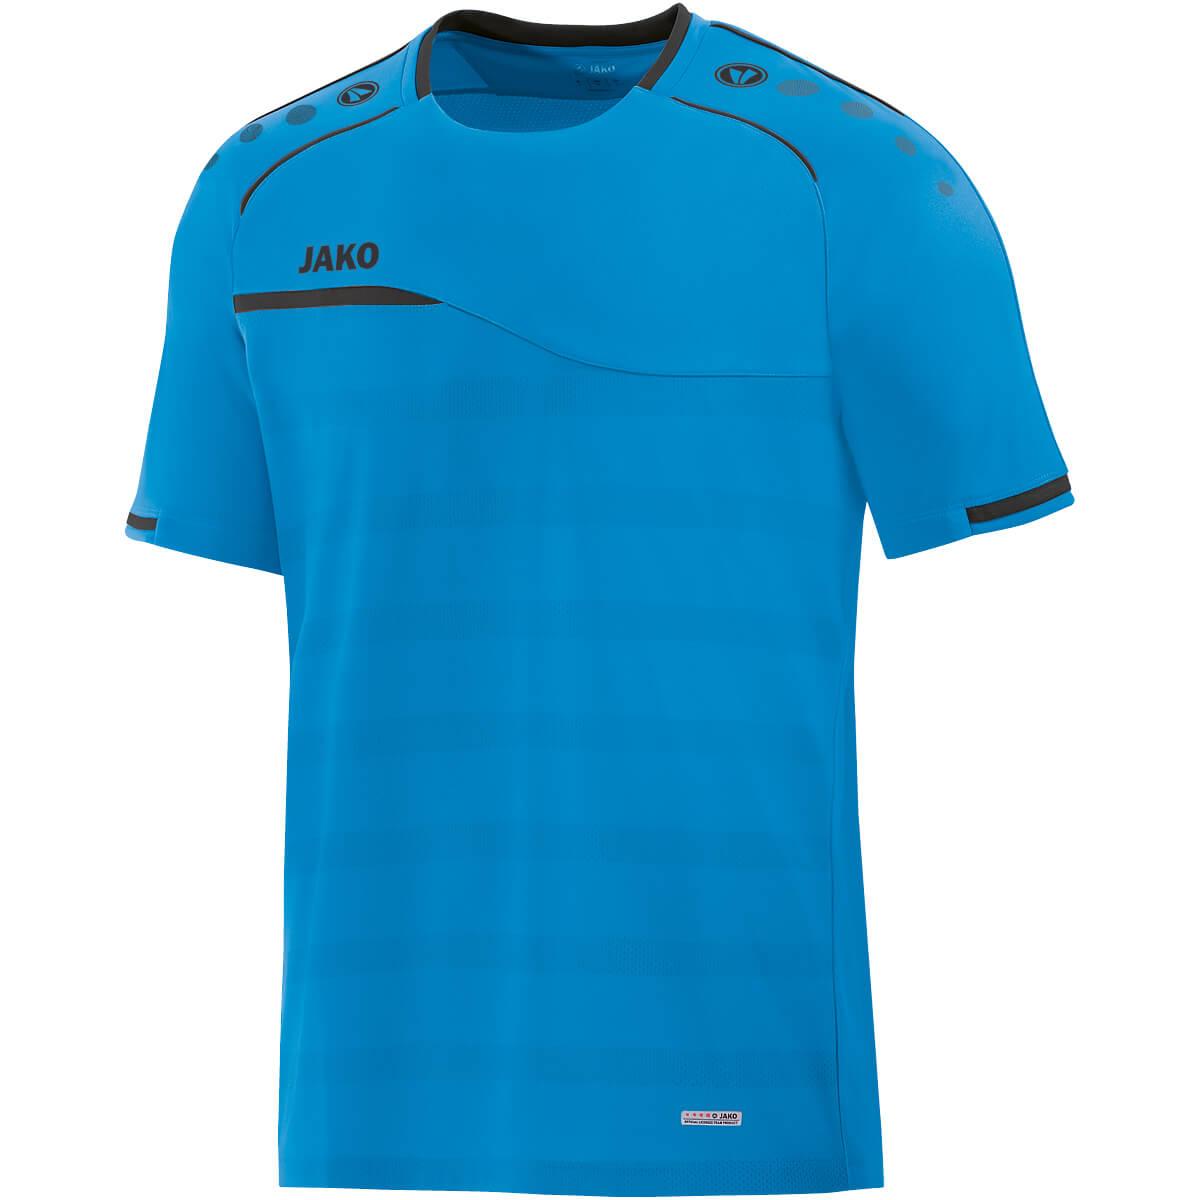 Jako T-Shirt Prestige Herren 6158  | div. Größen / Farben